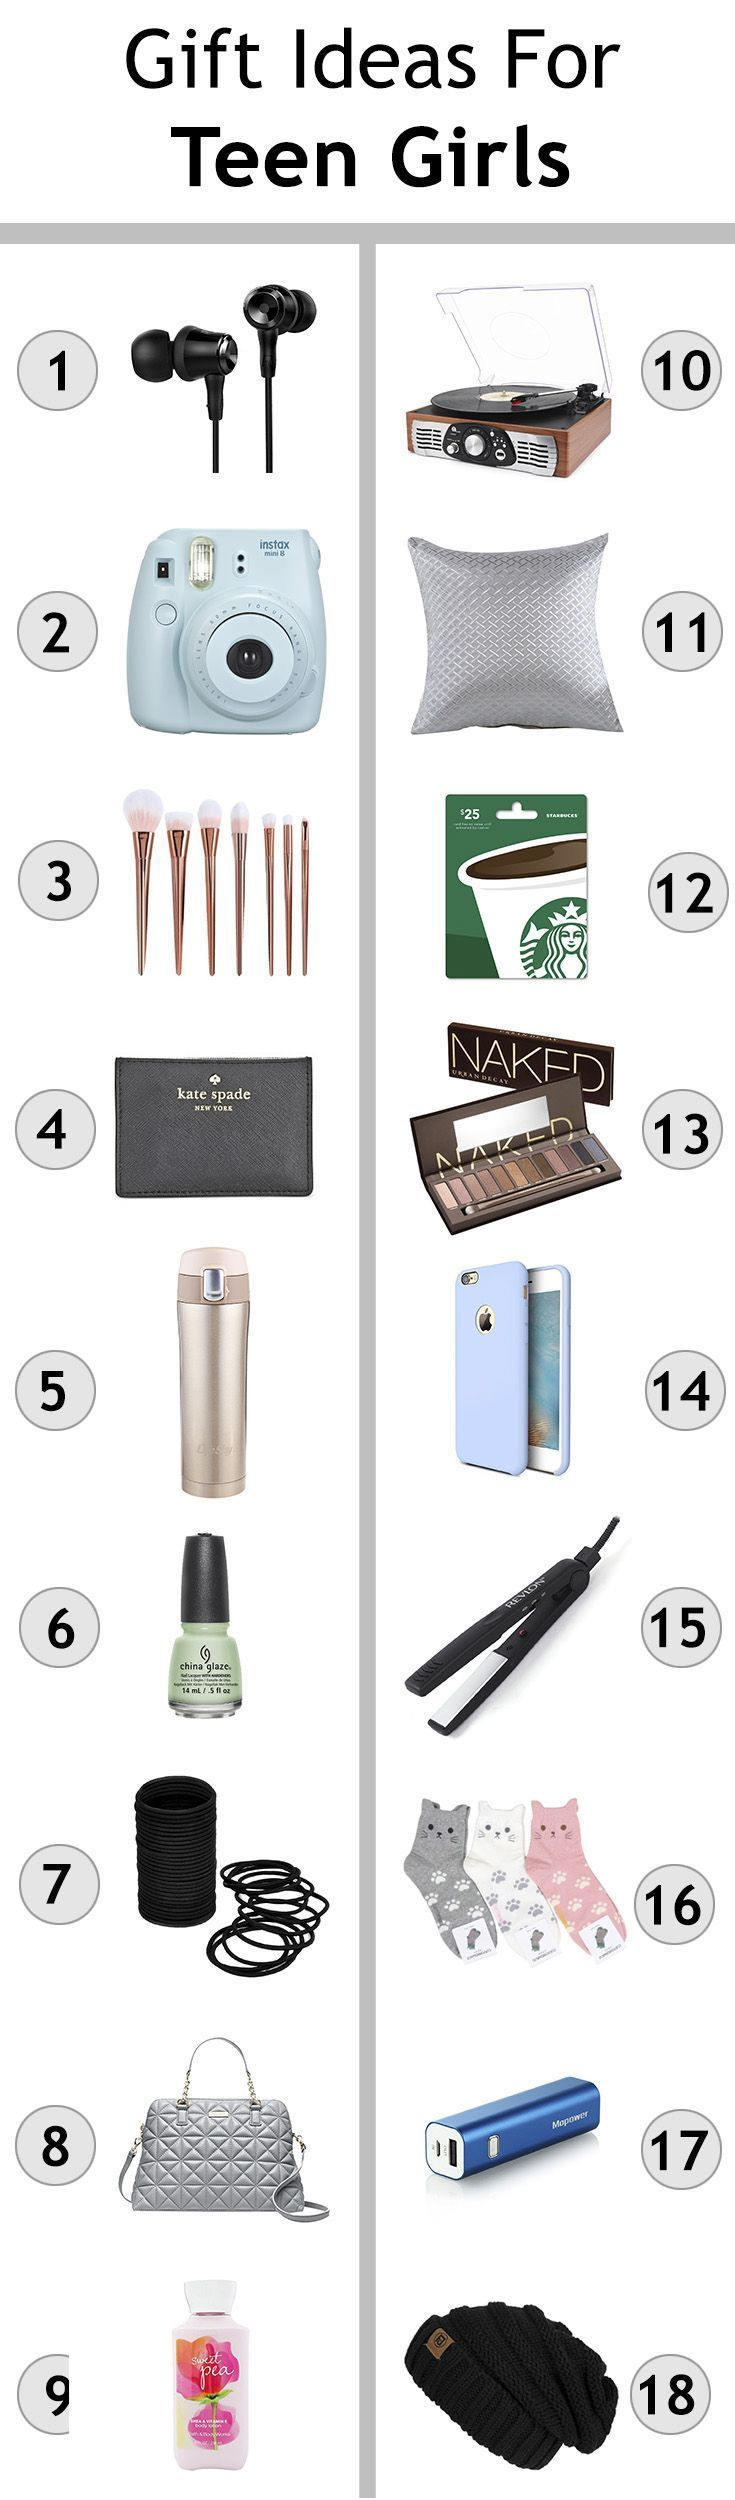 Gift Ideas For Teen Girls & Christmas Shopping For Teengers | Tips ...